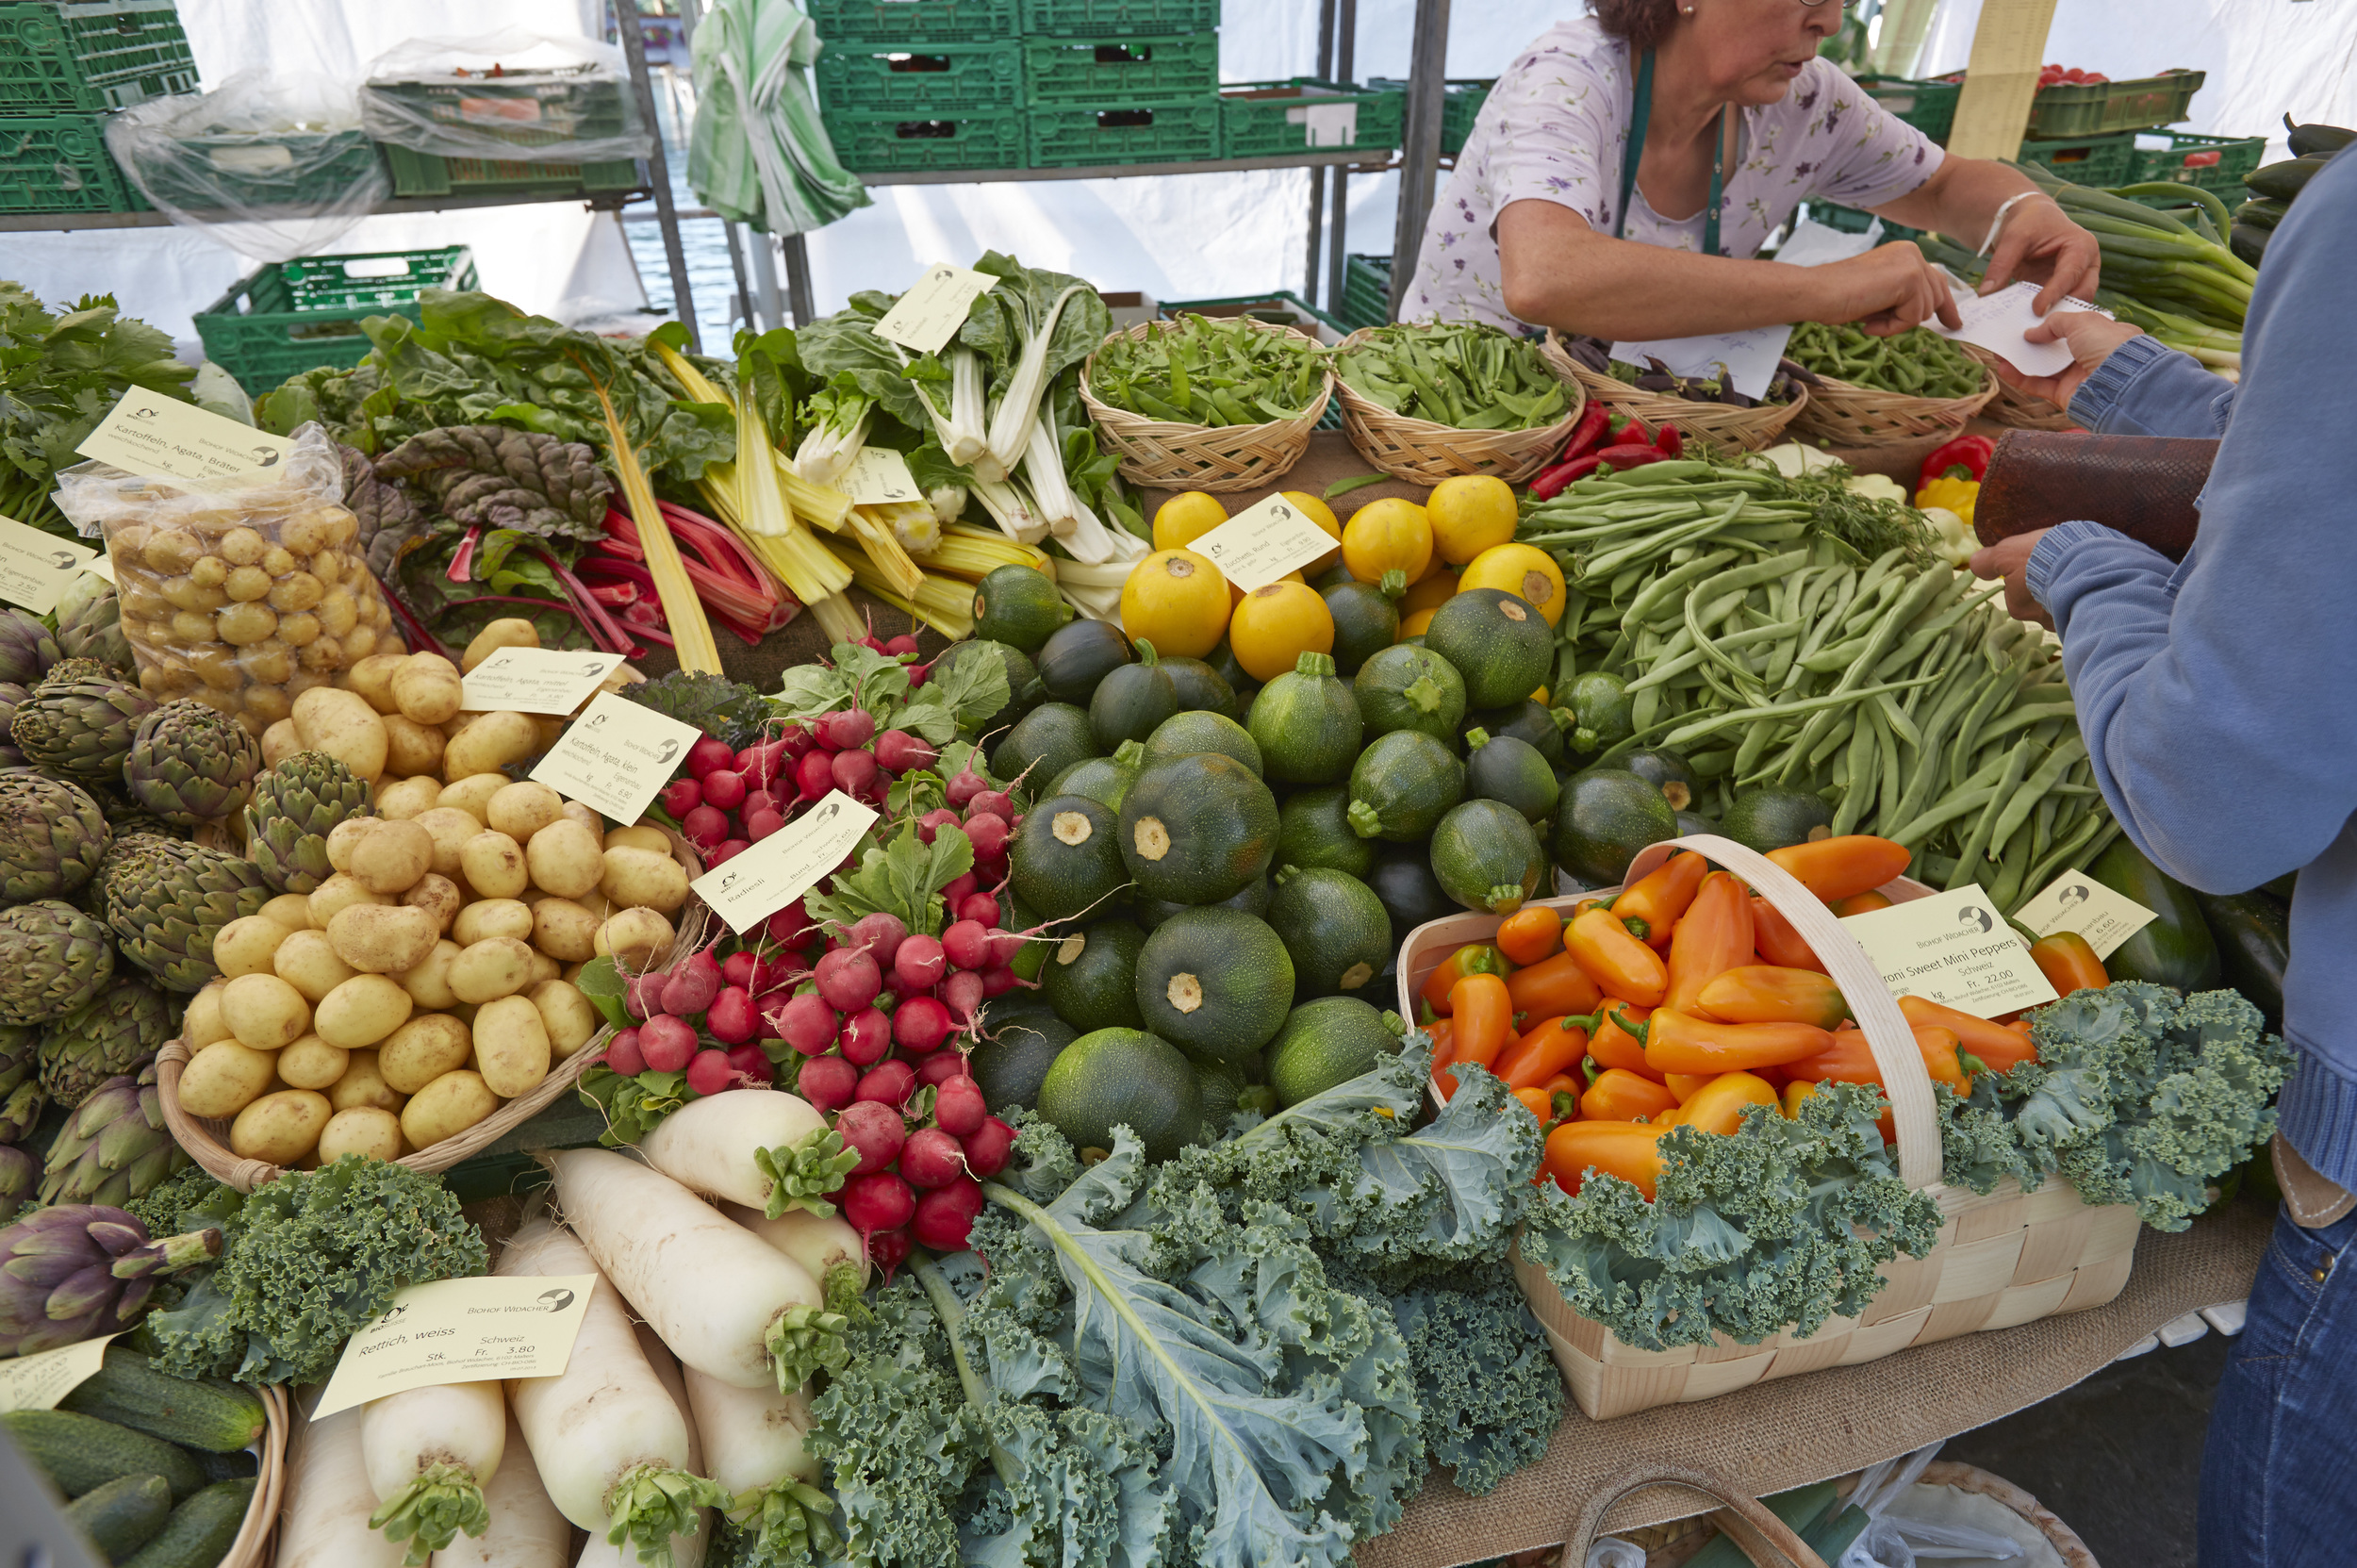 Weekend market, Lucerne